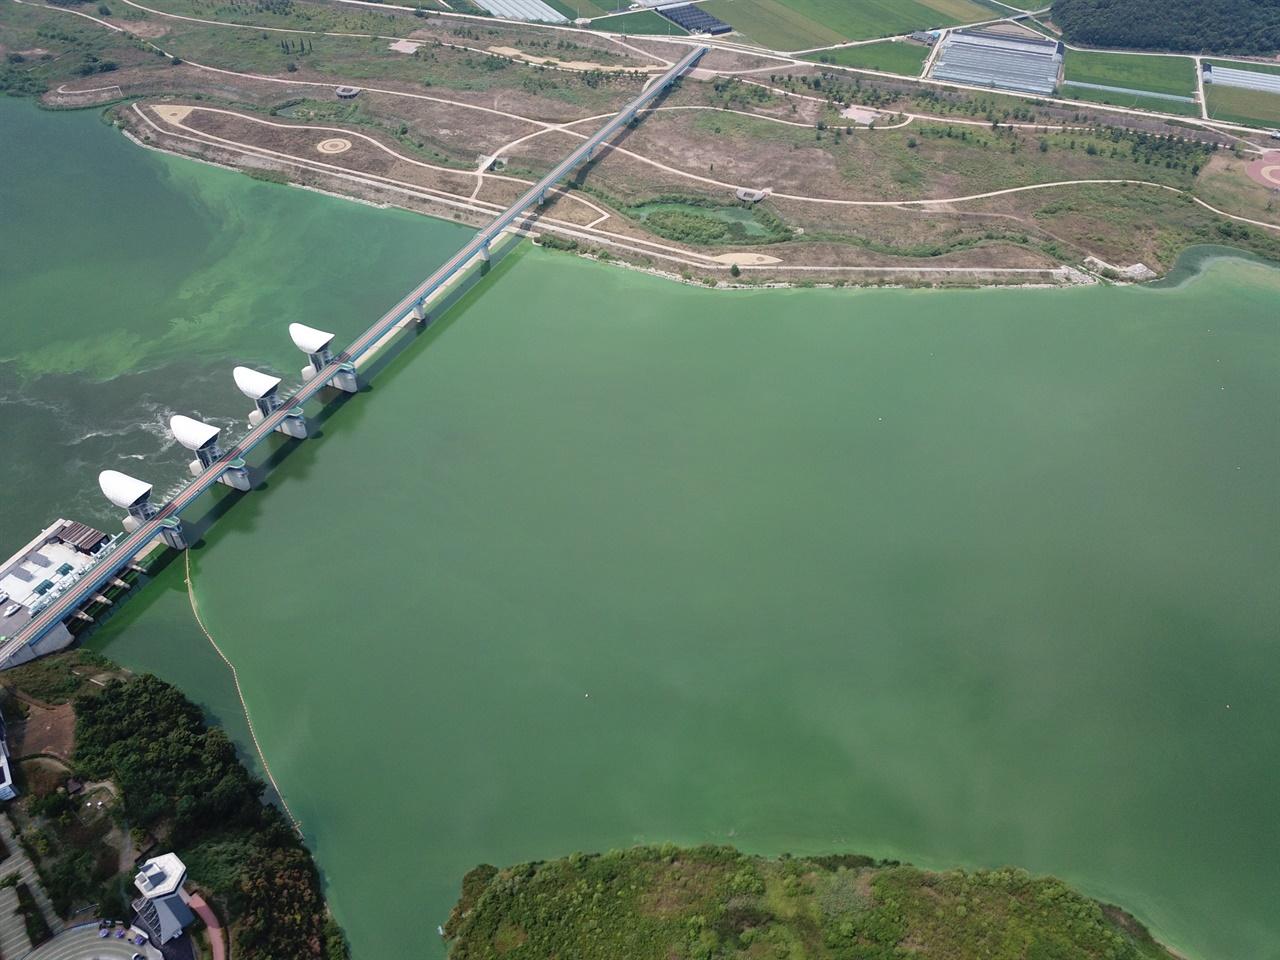 4대강 사업으로 금강에서는 3개의 보가 만들어졌습니다. 2018년 1월부터 세종보, 공주보 수문은 열렸지만, 하류 백제보의 수문은 닫혀 있습니다. 백제보의 영향을 받은 곳에서는 강 전역에 녹조가 발생하고 있습니다.